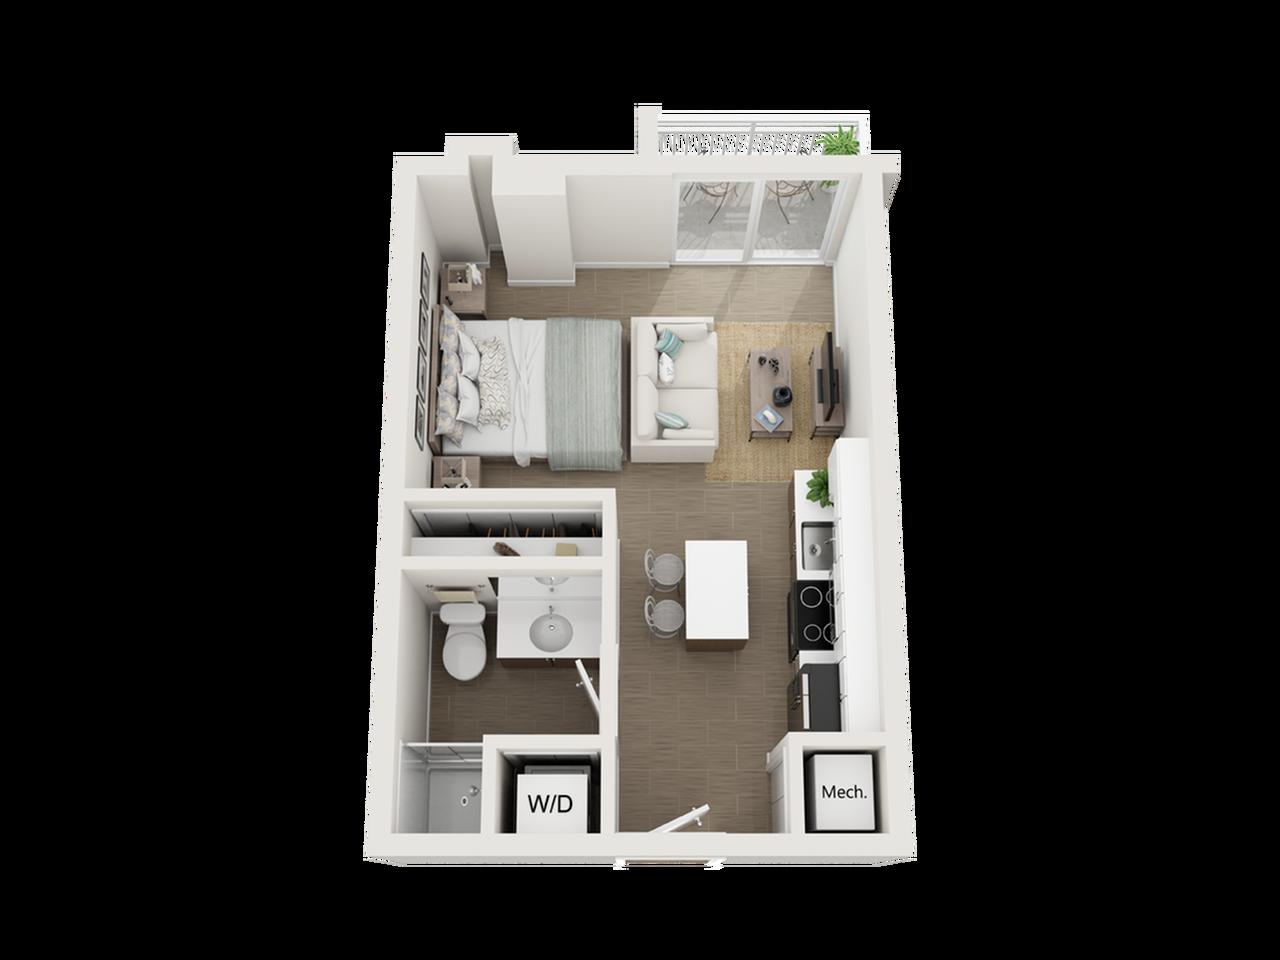 Sake studio 3D floor plan